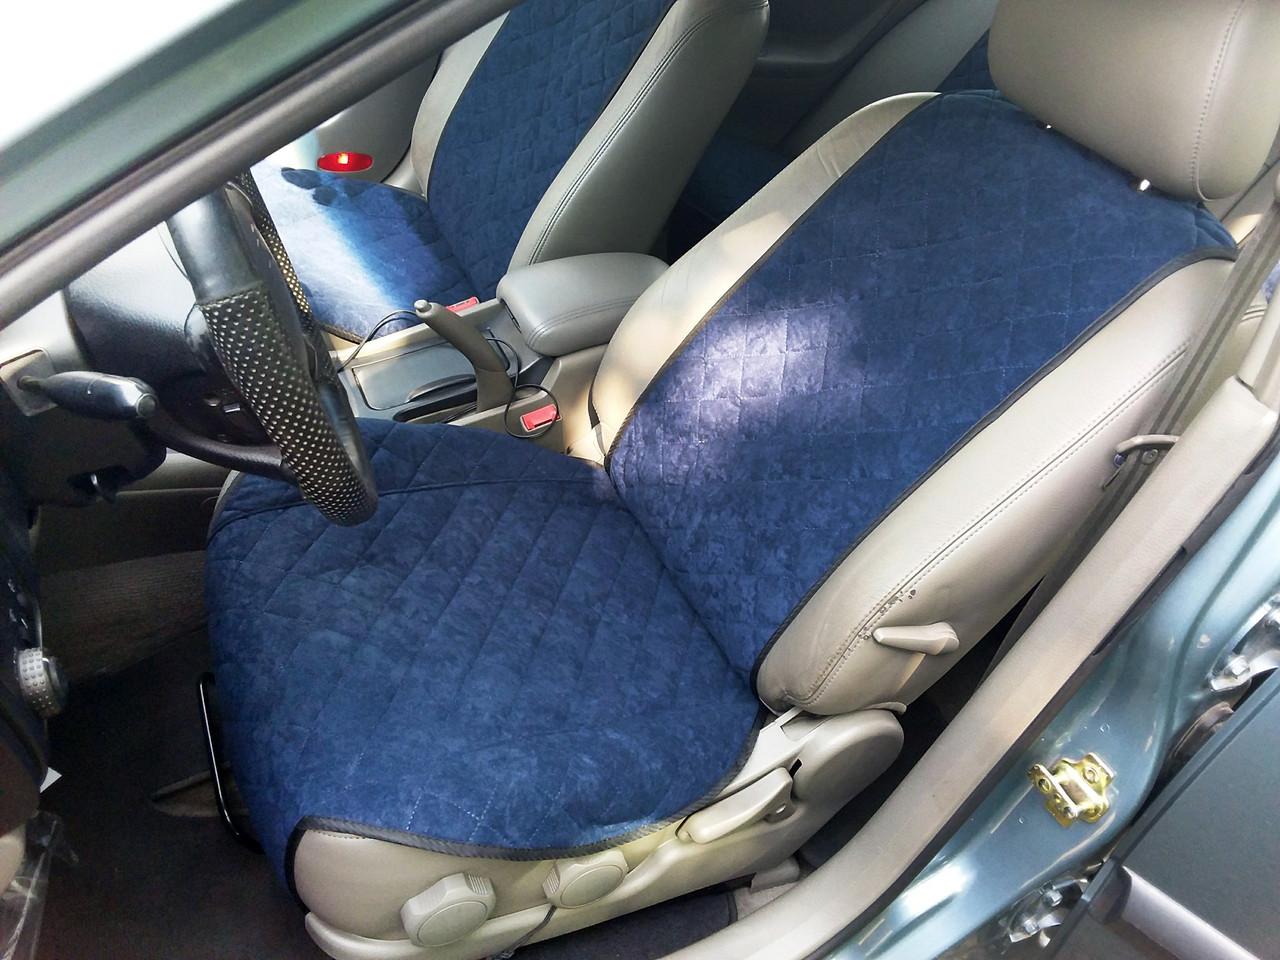 Накидки на сиденья Темно-синие Широкие. Полный комплект из алькантары